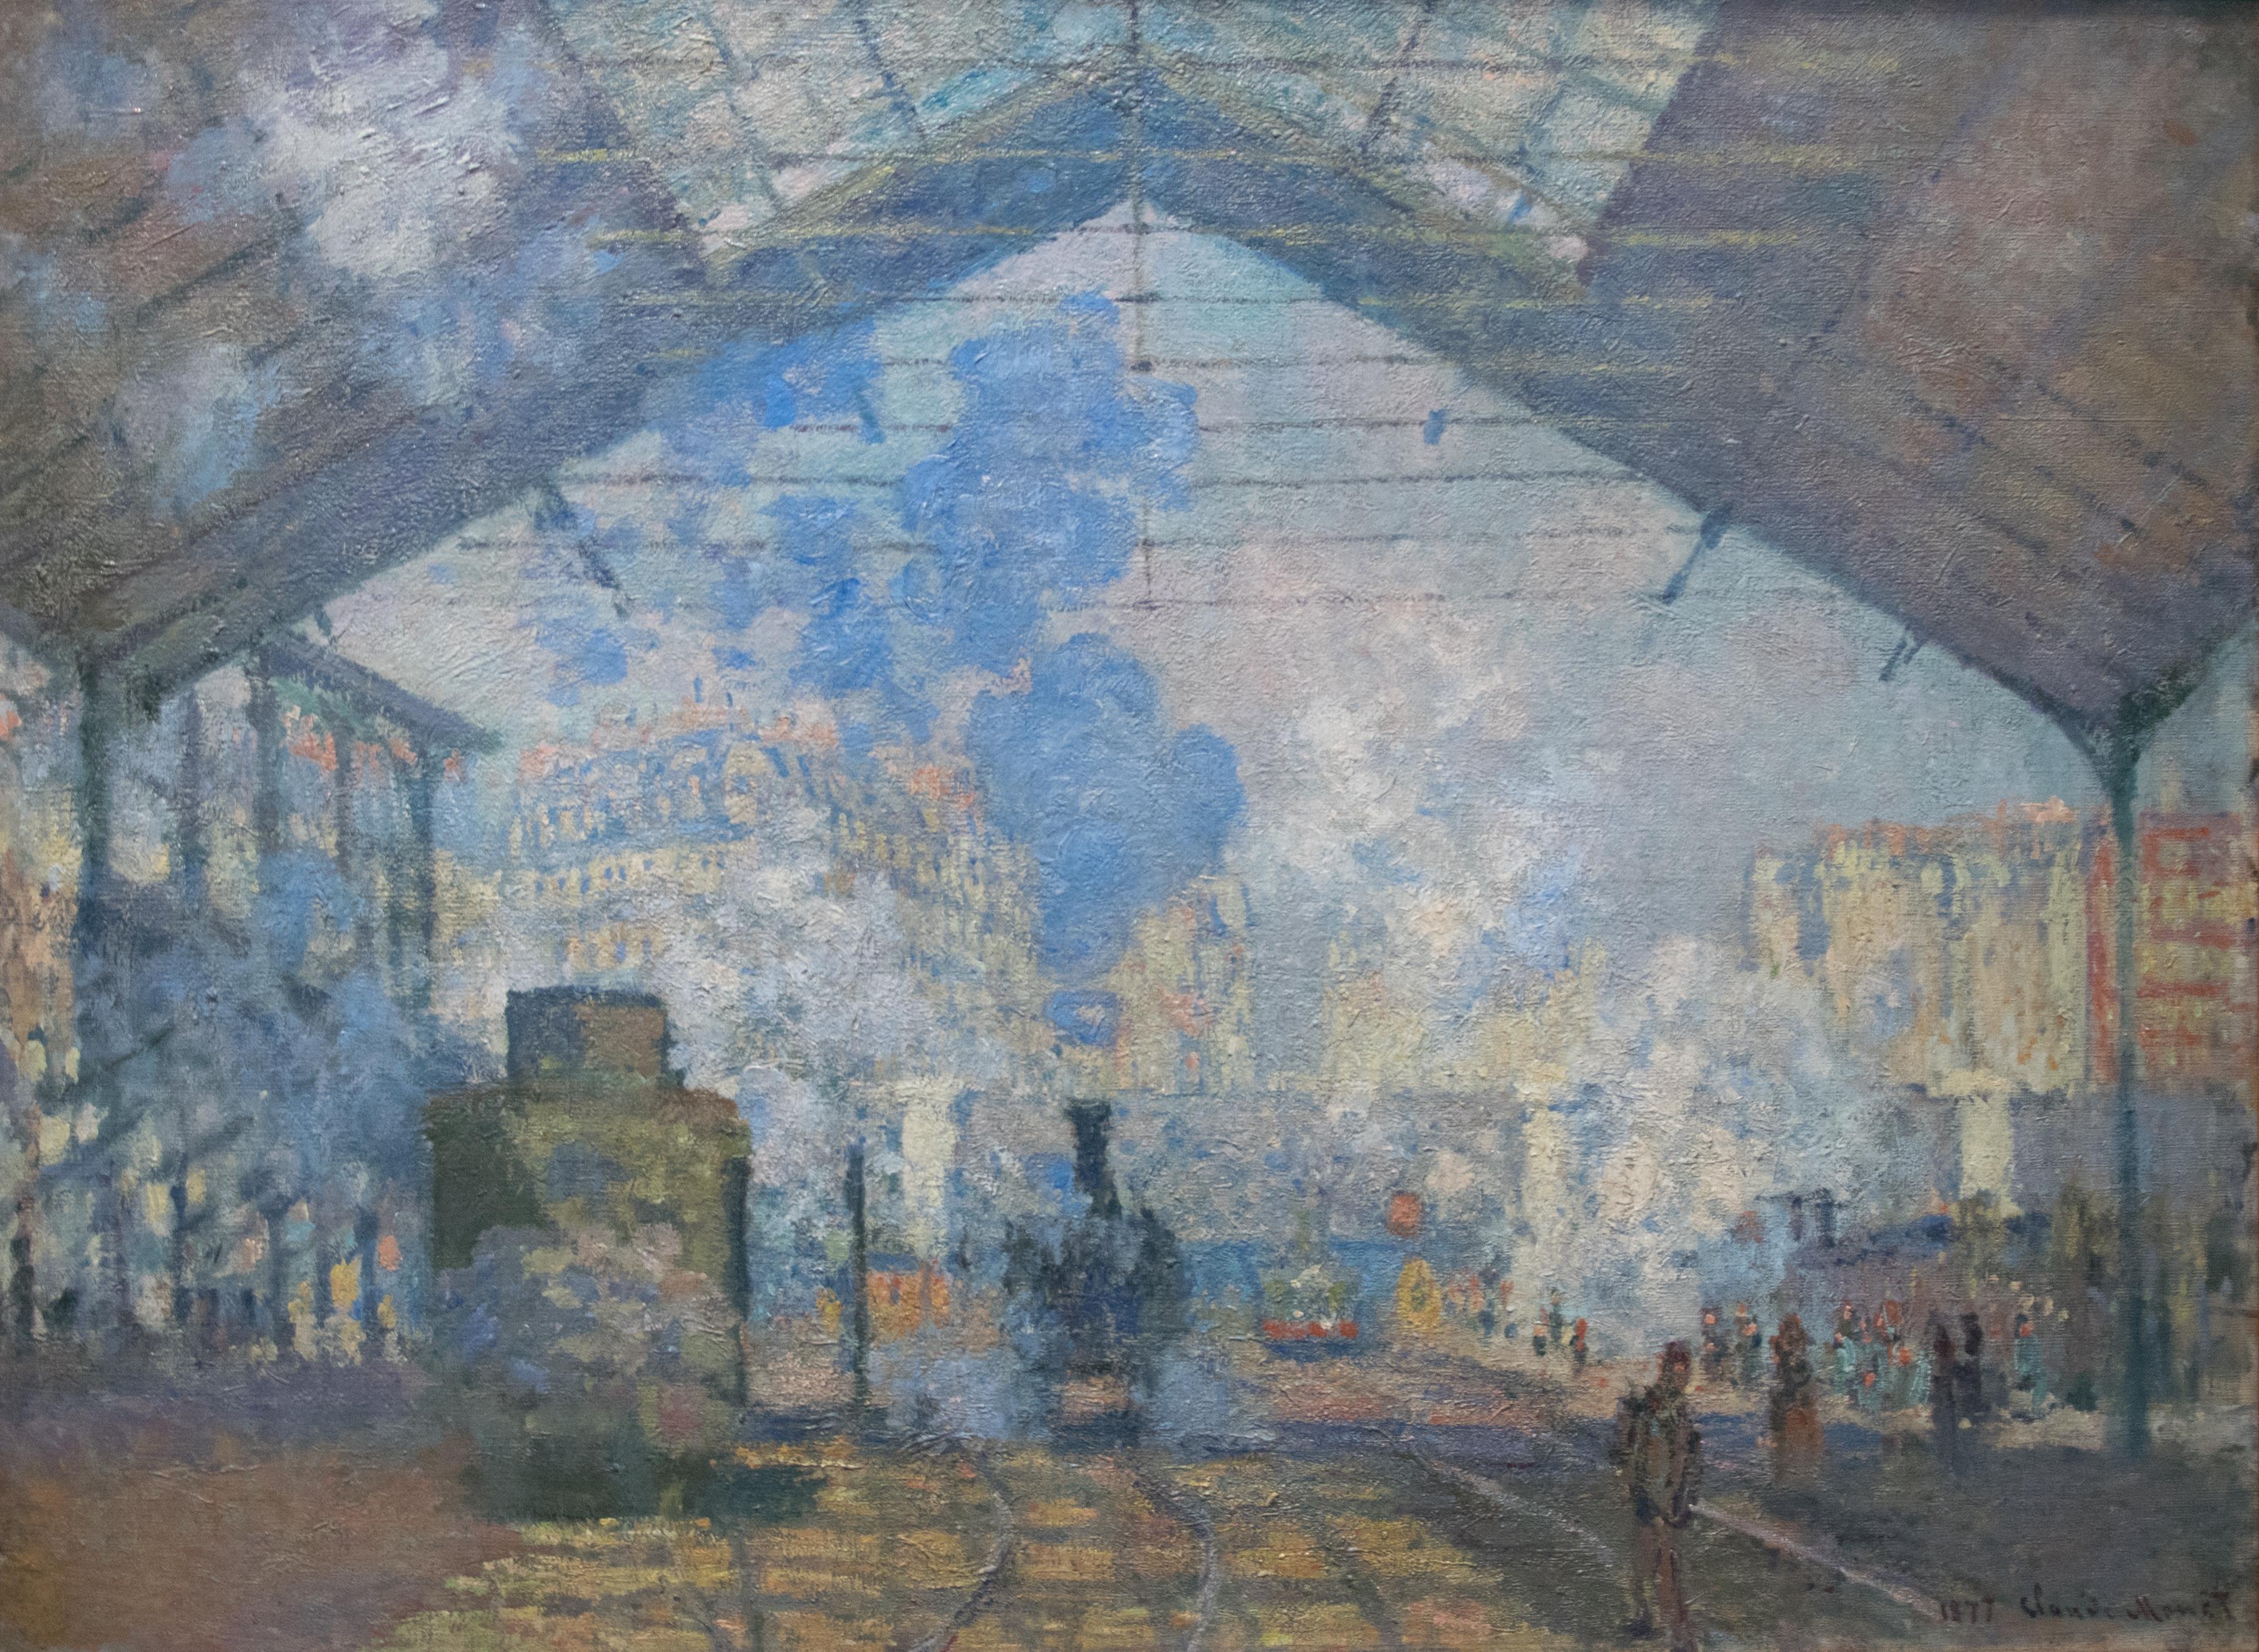 Claude Monet, La stazione Saint-Lazare, 1877